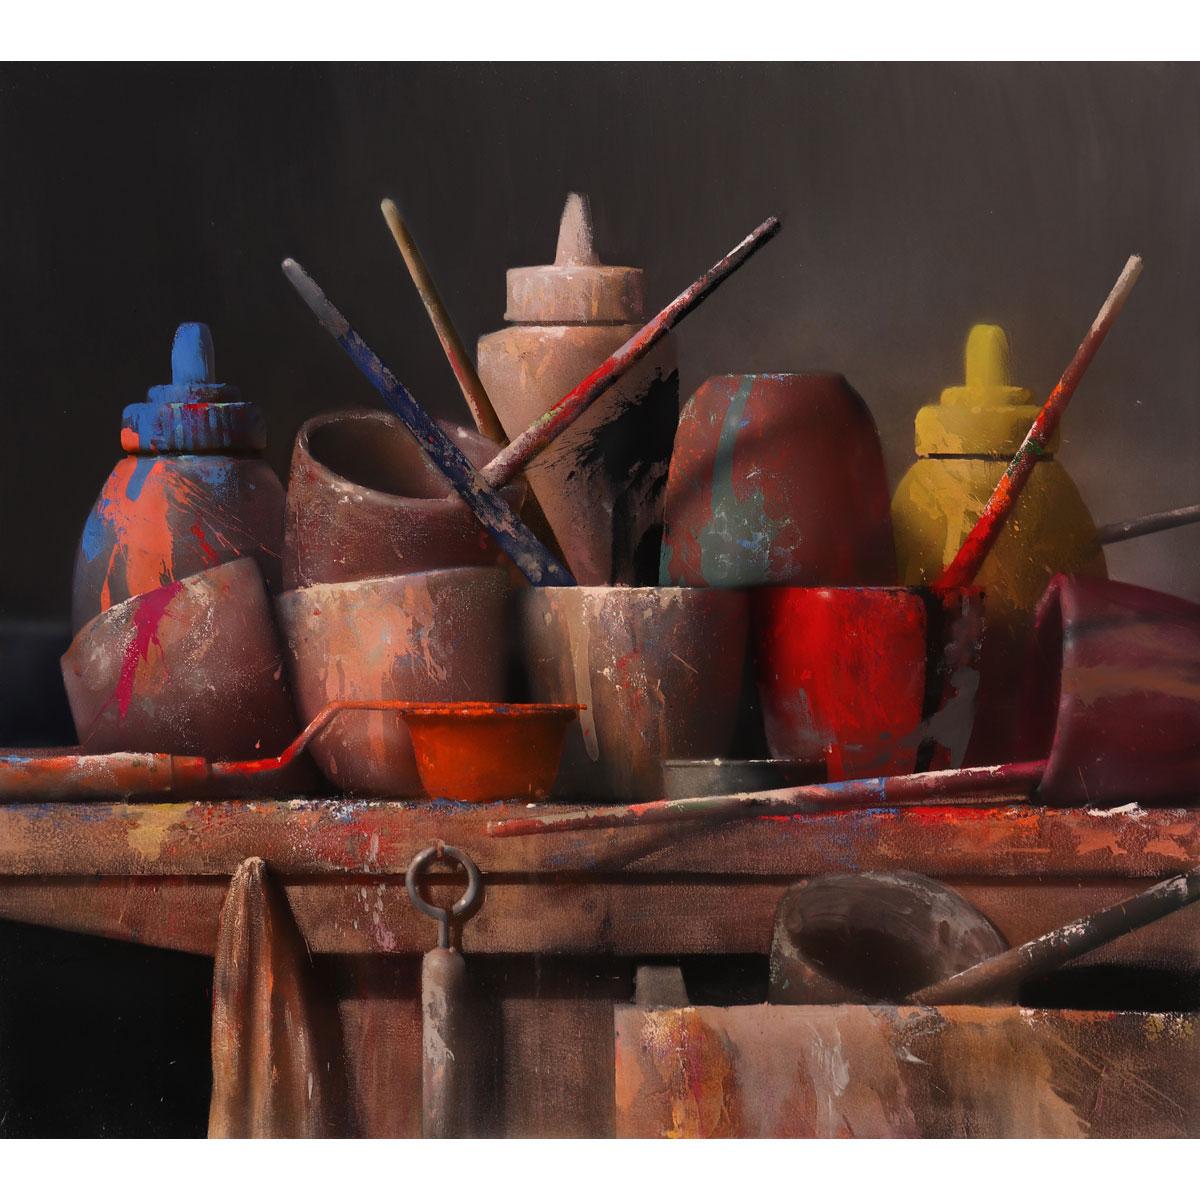 Nestle I by David Dornan